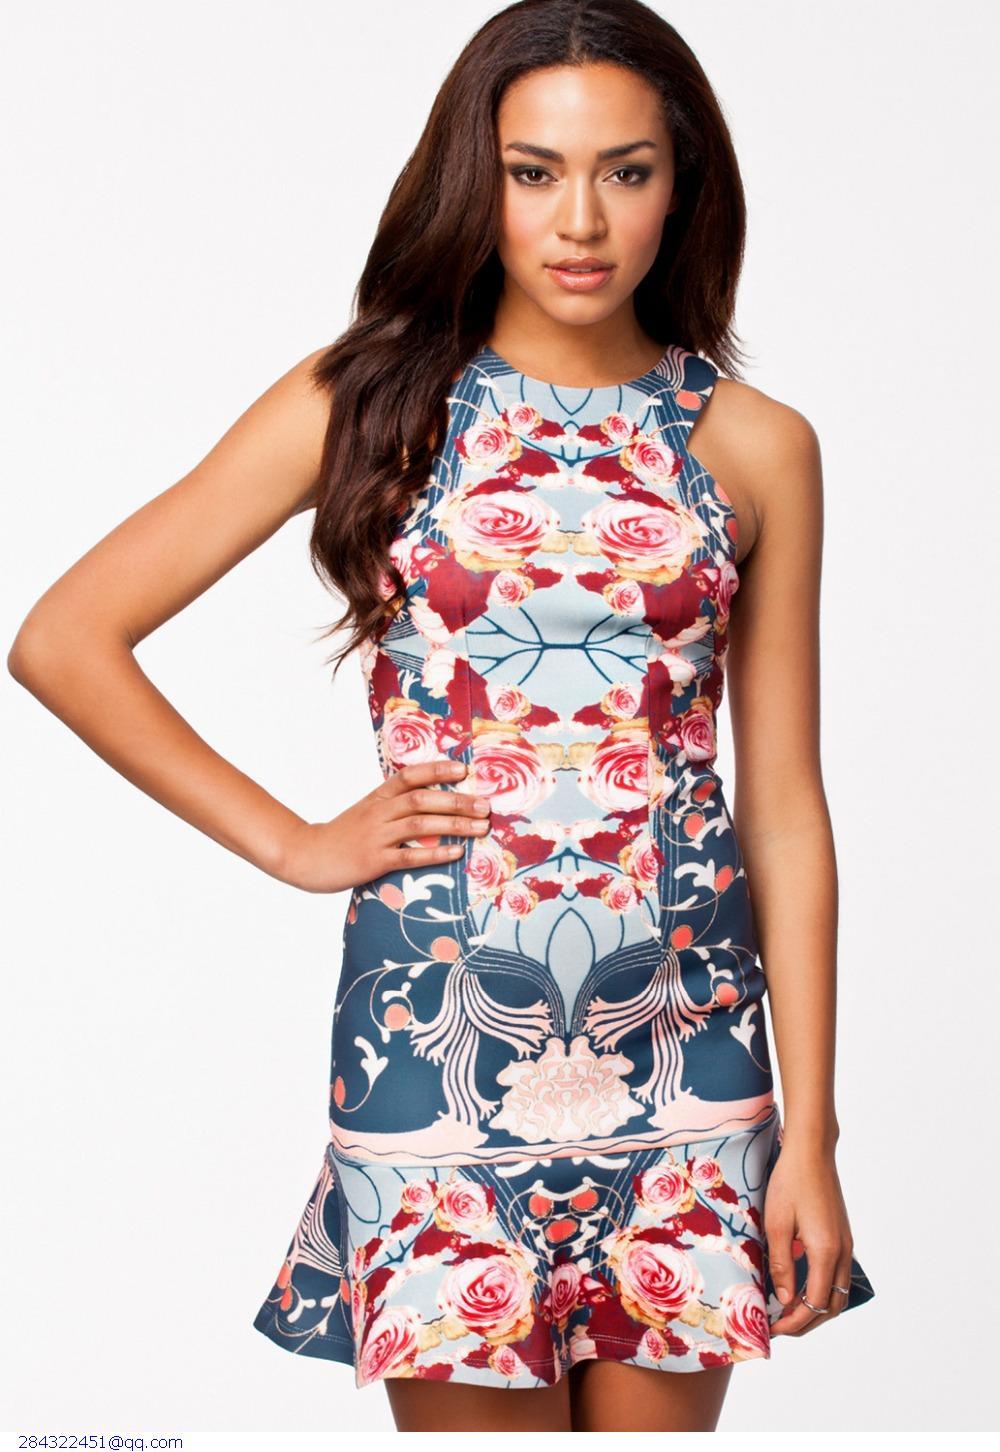 Женское платье Dear-lover roupas vestido estampado Flouncing Bodycon LC21600 женское платье dear lover vestido estampado 2015 lc21185 lc21188 lc21189